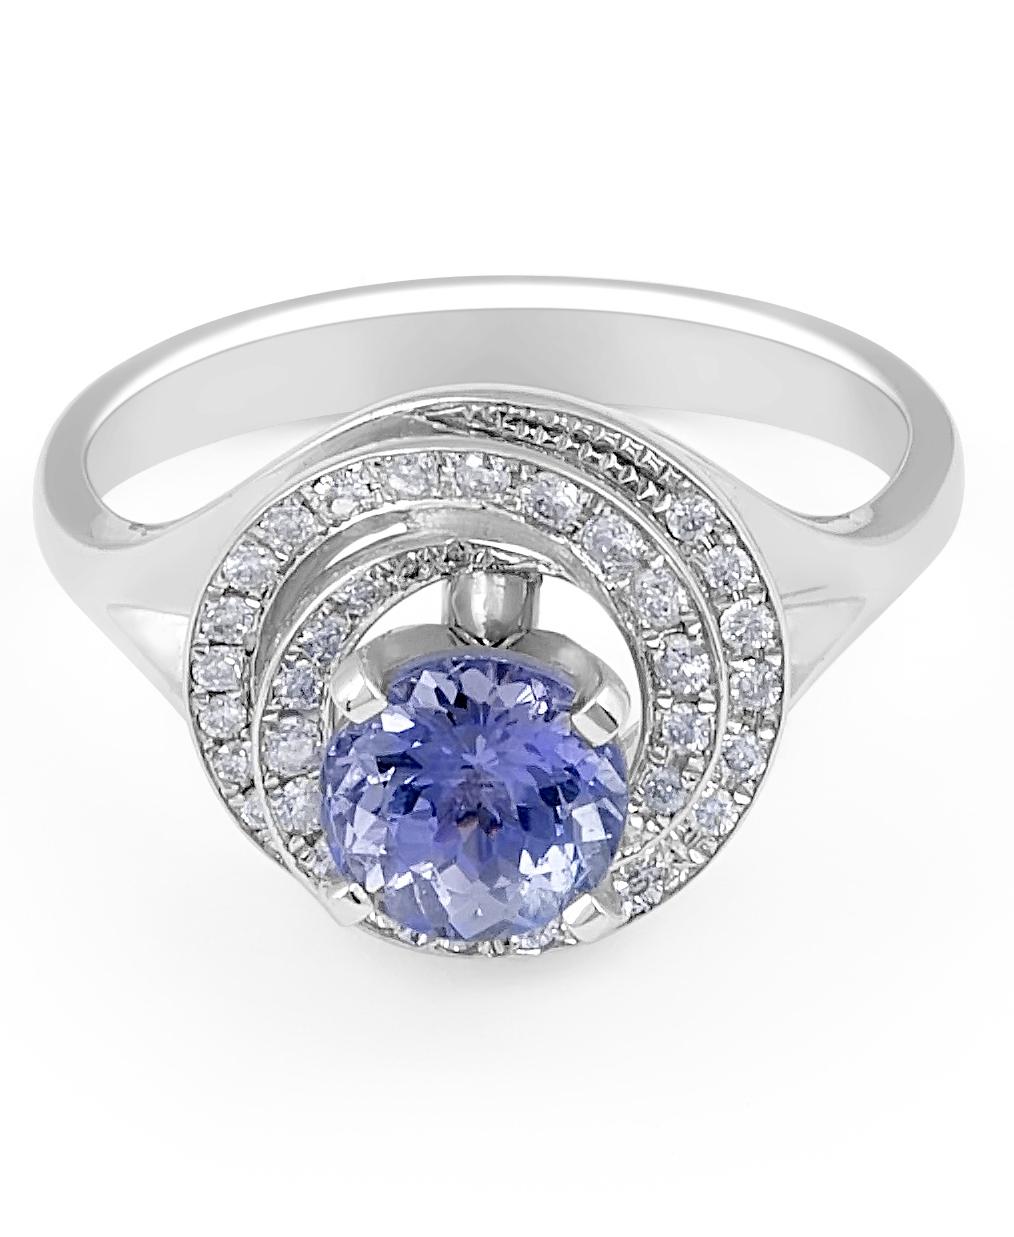 Halo Tanzanite Diamond Ring in 18 Karat Melbourne engagement rings